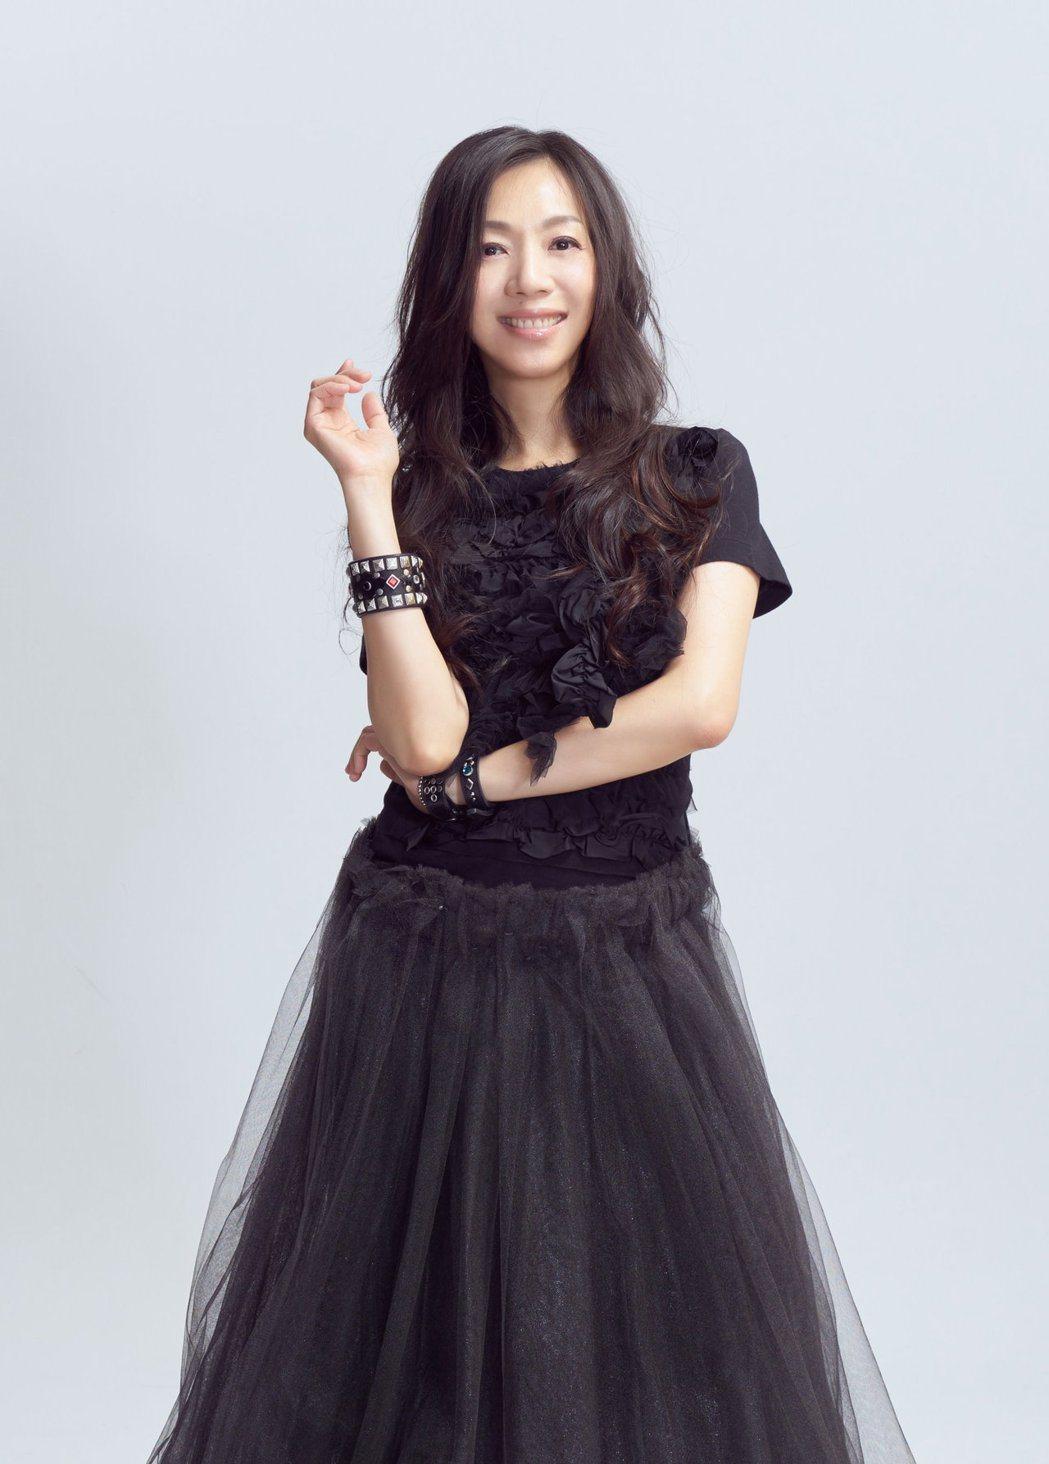 萬芳將在4月14日登上台北小巨蛋舉行「時間仍然繼續在走」演唱會。圖/原點概念提供